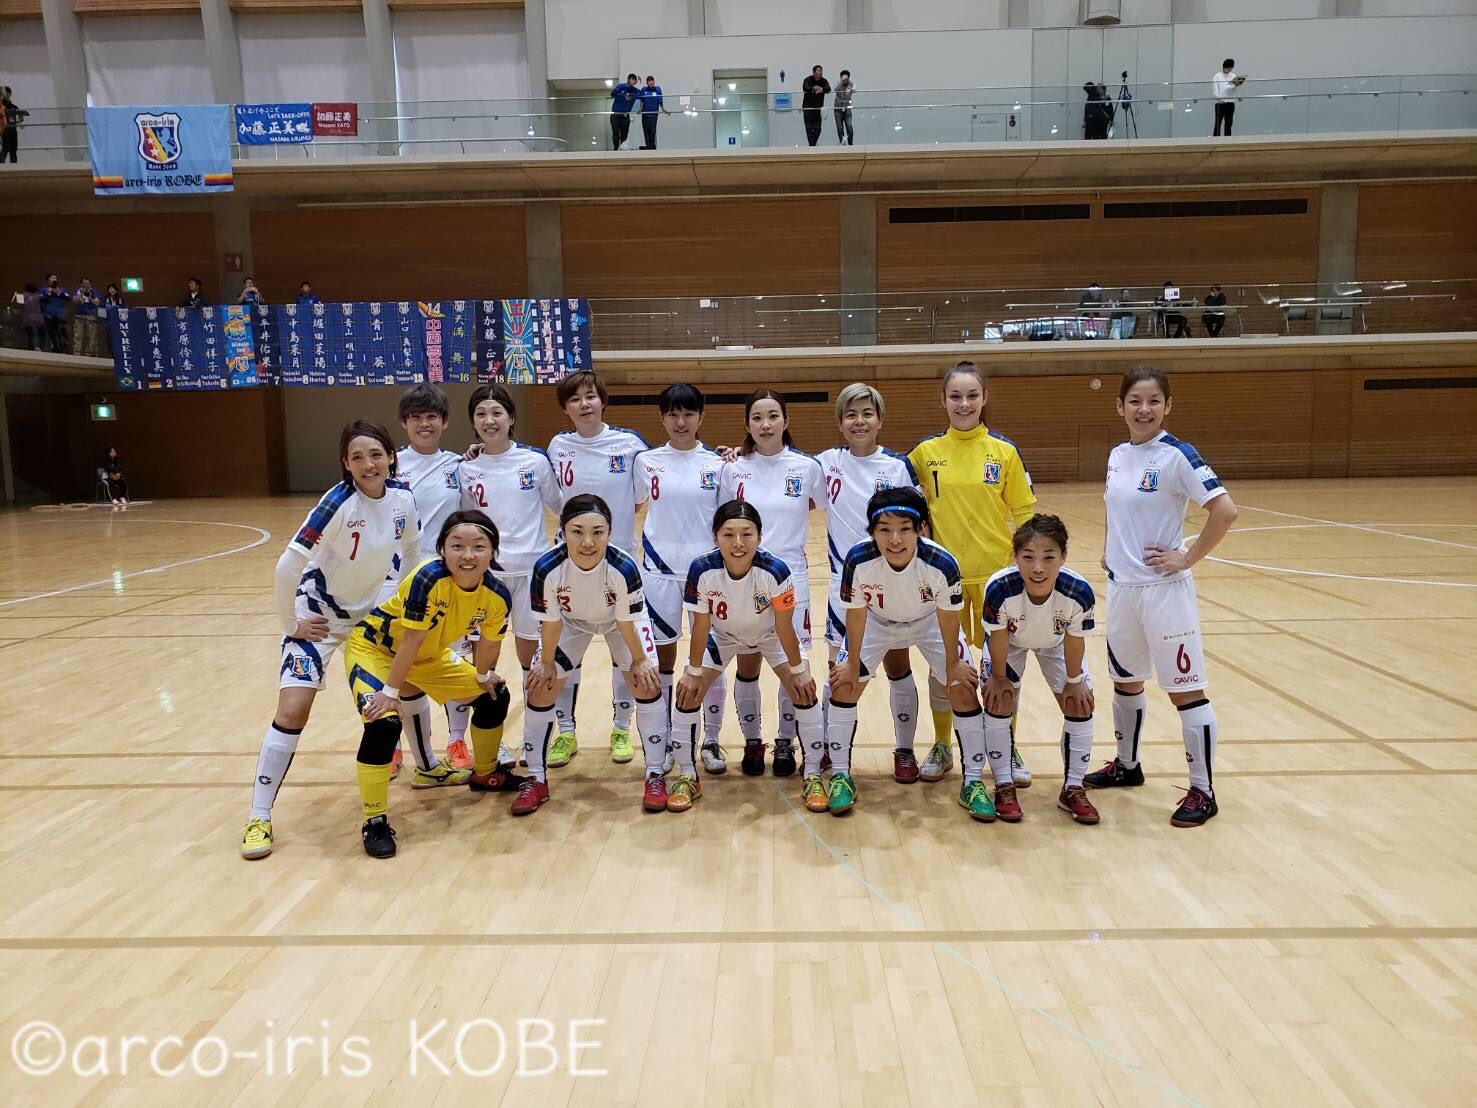 全日本女子フットサル選手権 予選3連勝で準決勝進出!相手はあのSWHレディース!!